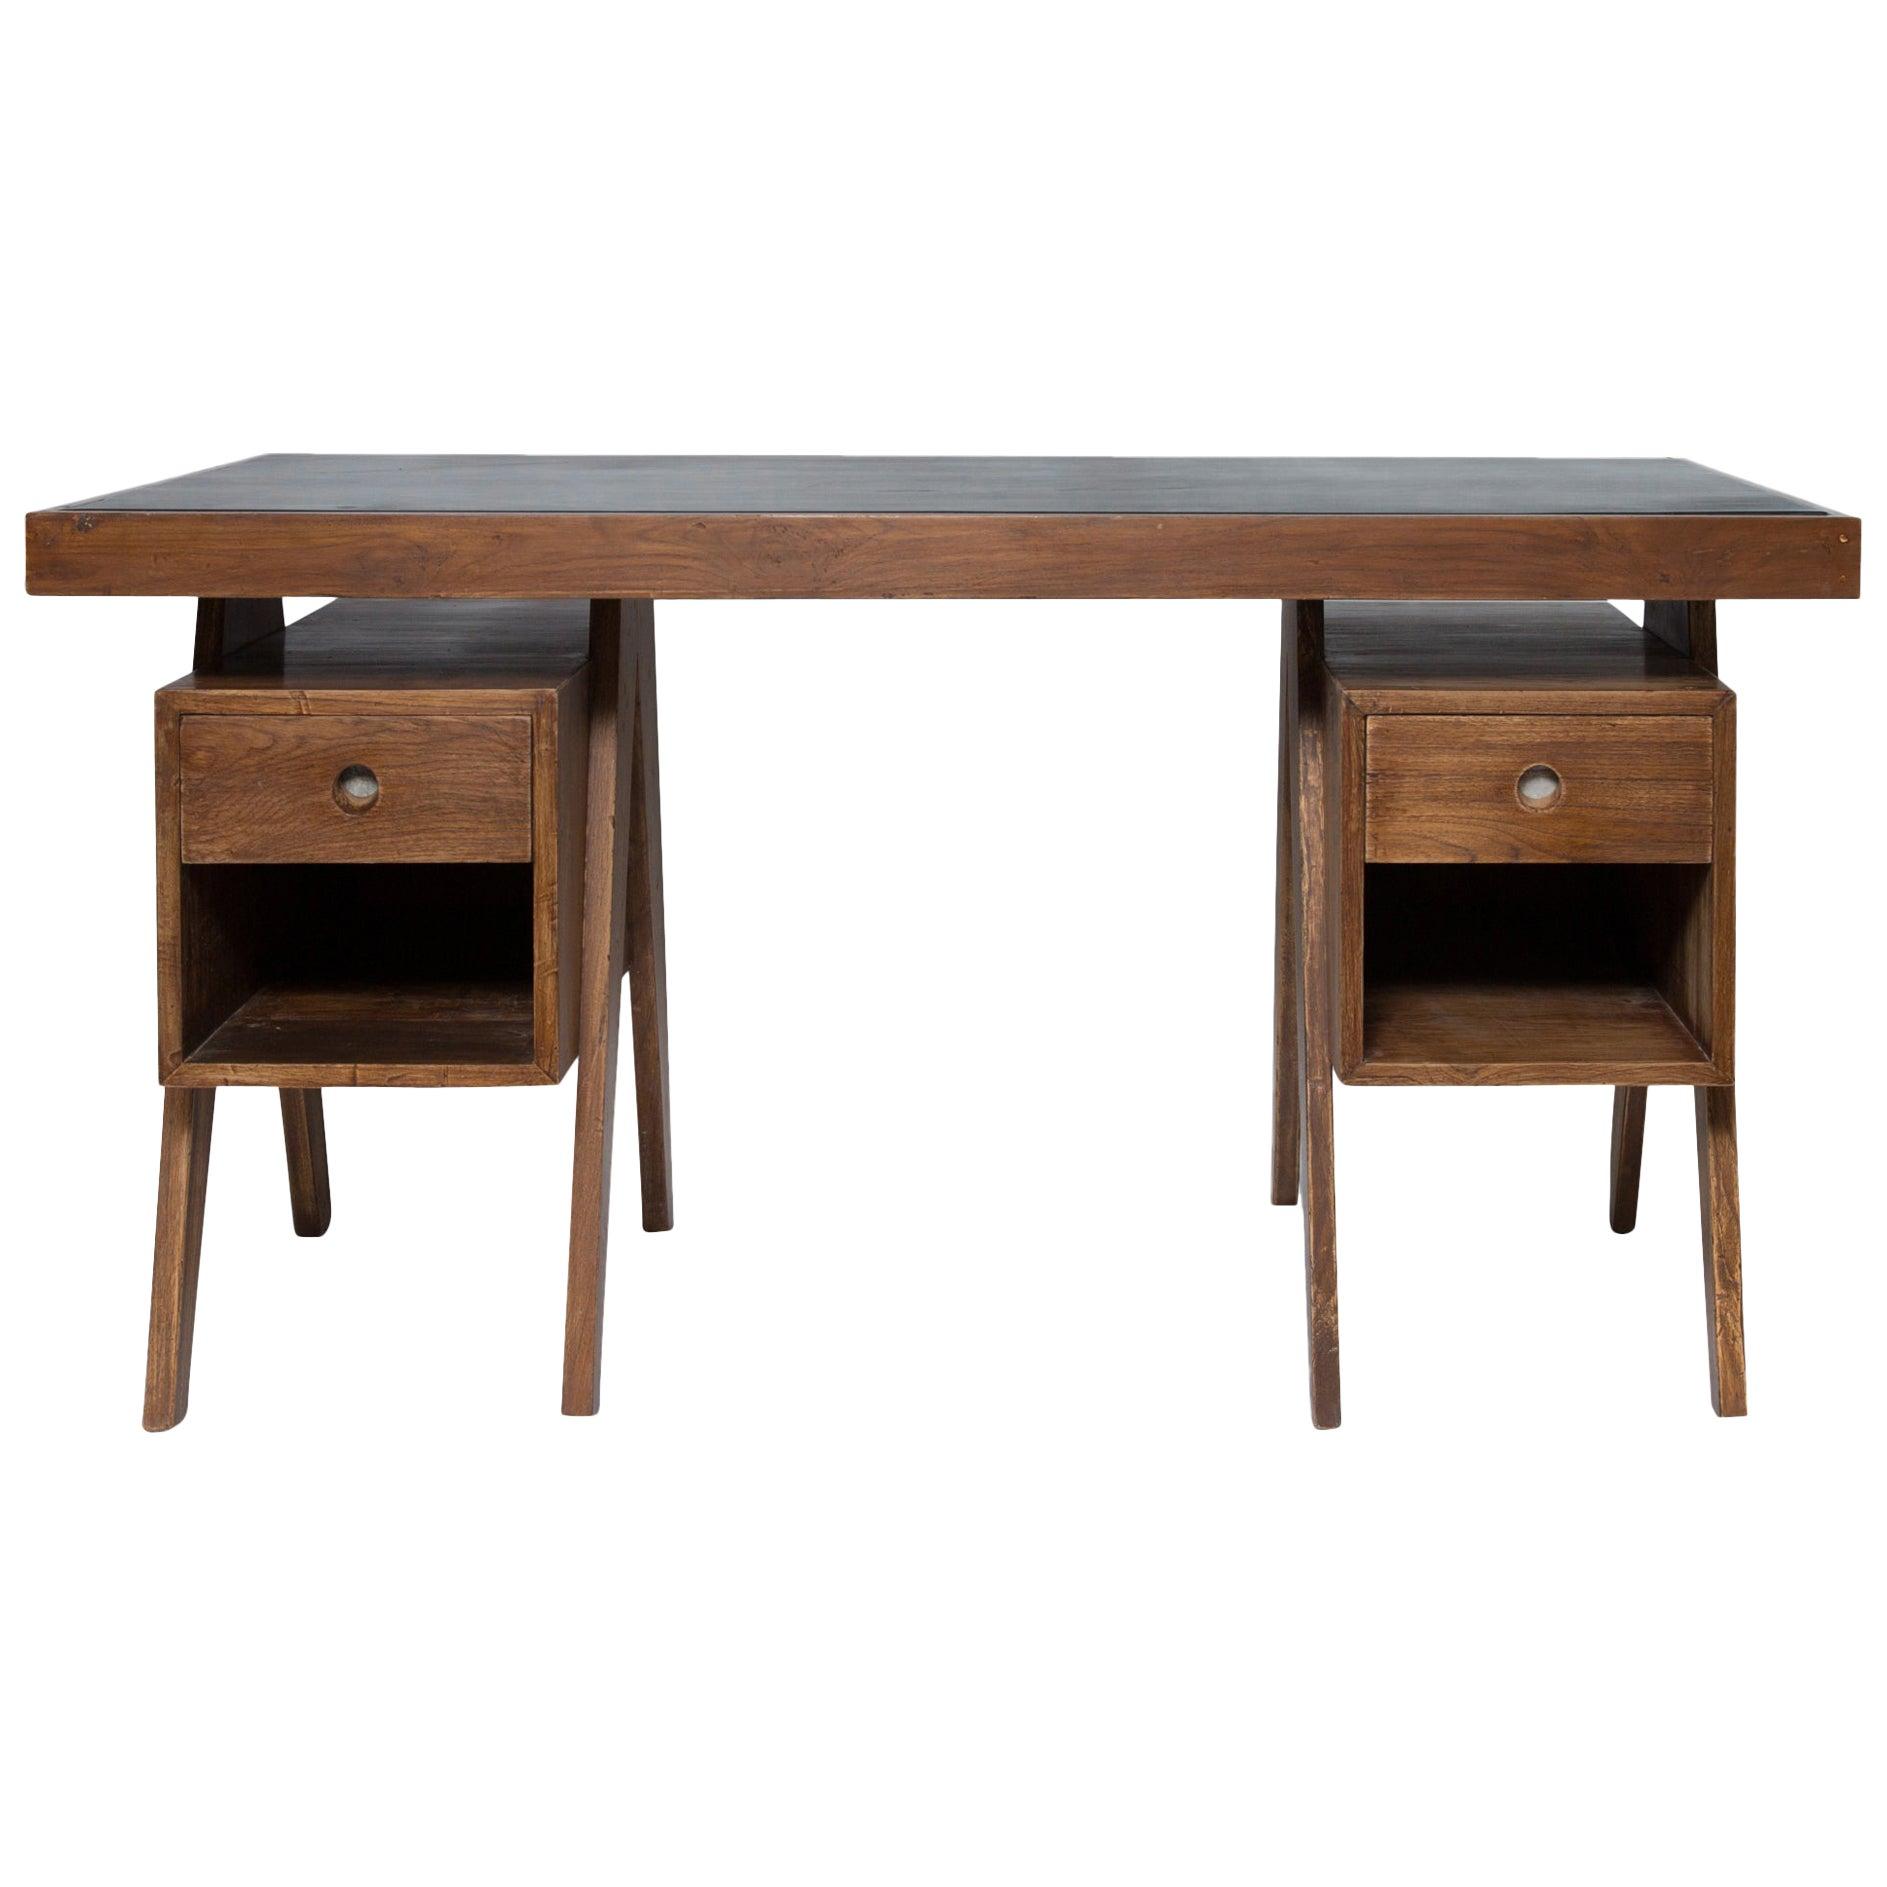 Director's Desk by Pierre Jeanneret